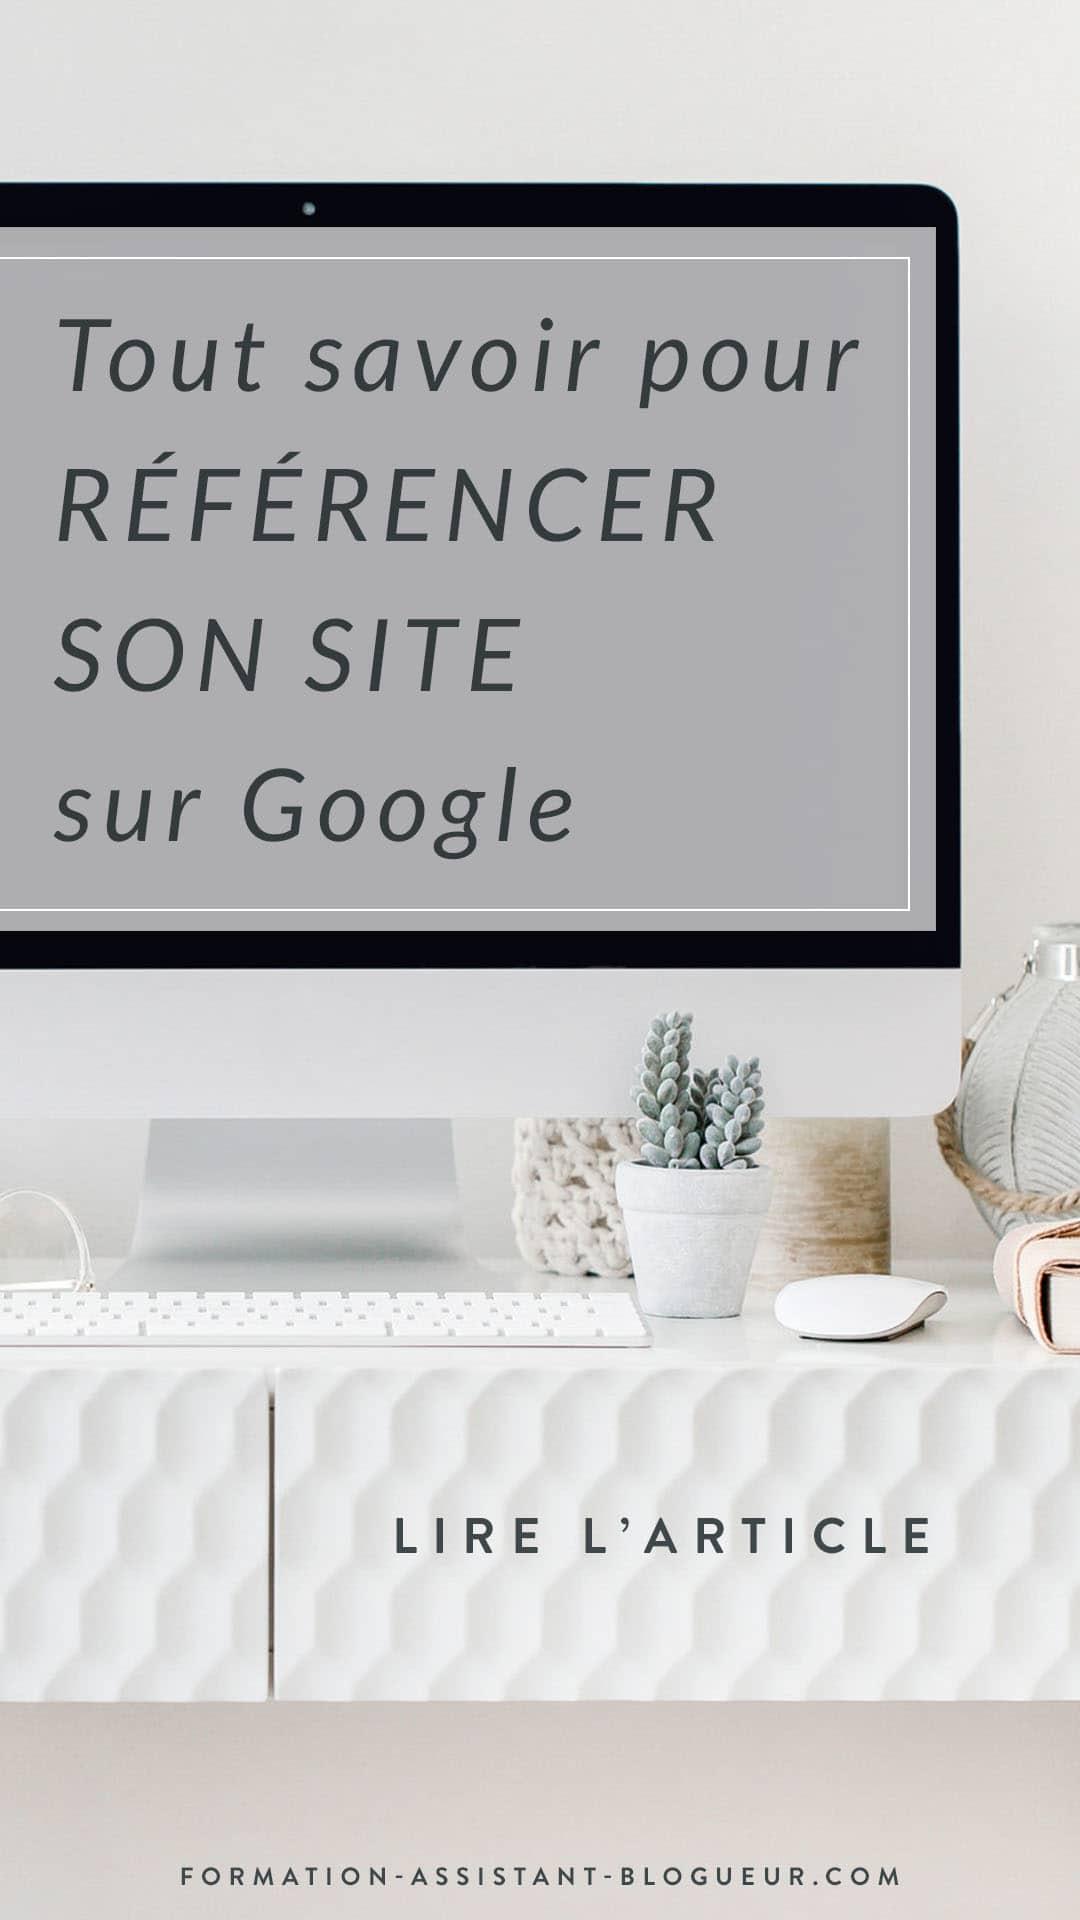 Tout savoir pour référencer son site sur Google